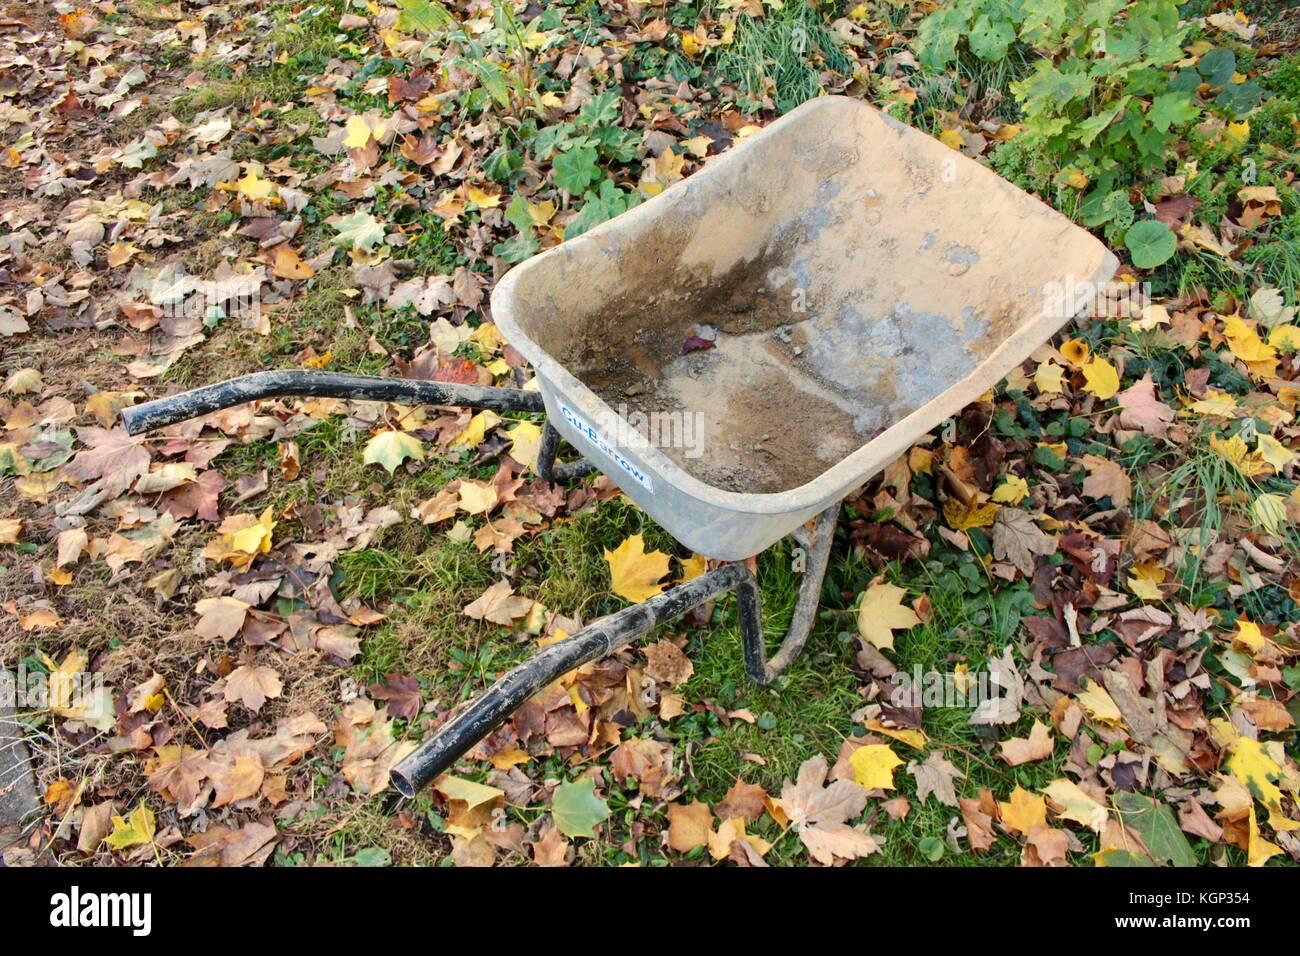 Carretilla de mano izquierda vacía constructores antiguos en otoño el jardín de césped sembrado en la hoja. Foto de stock